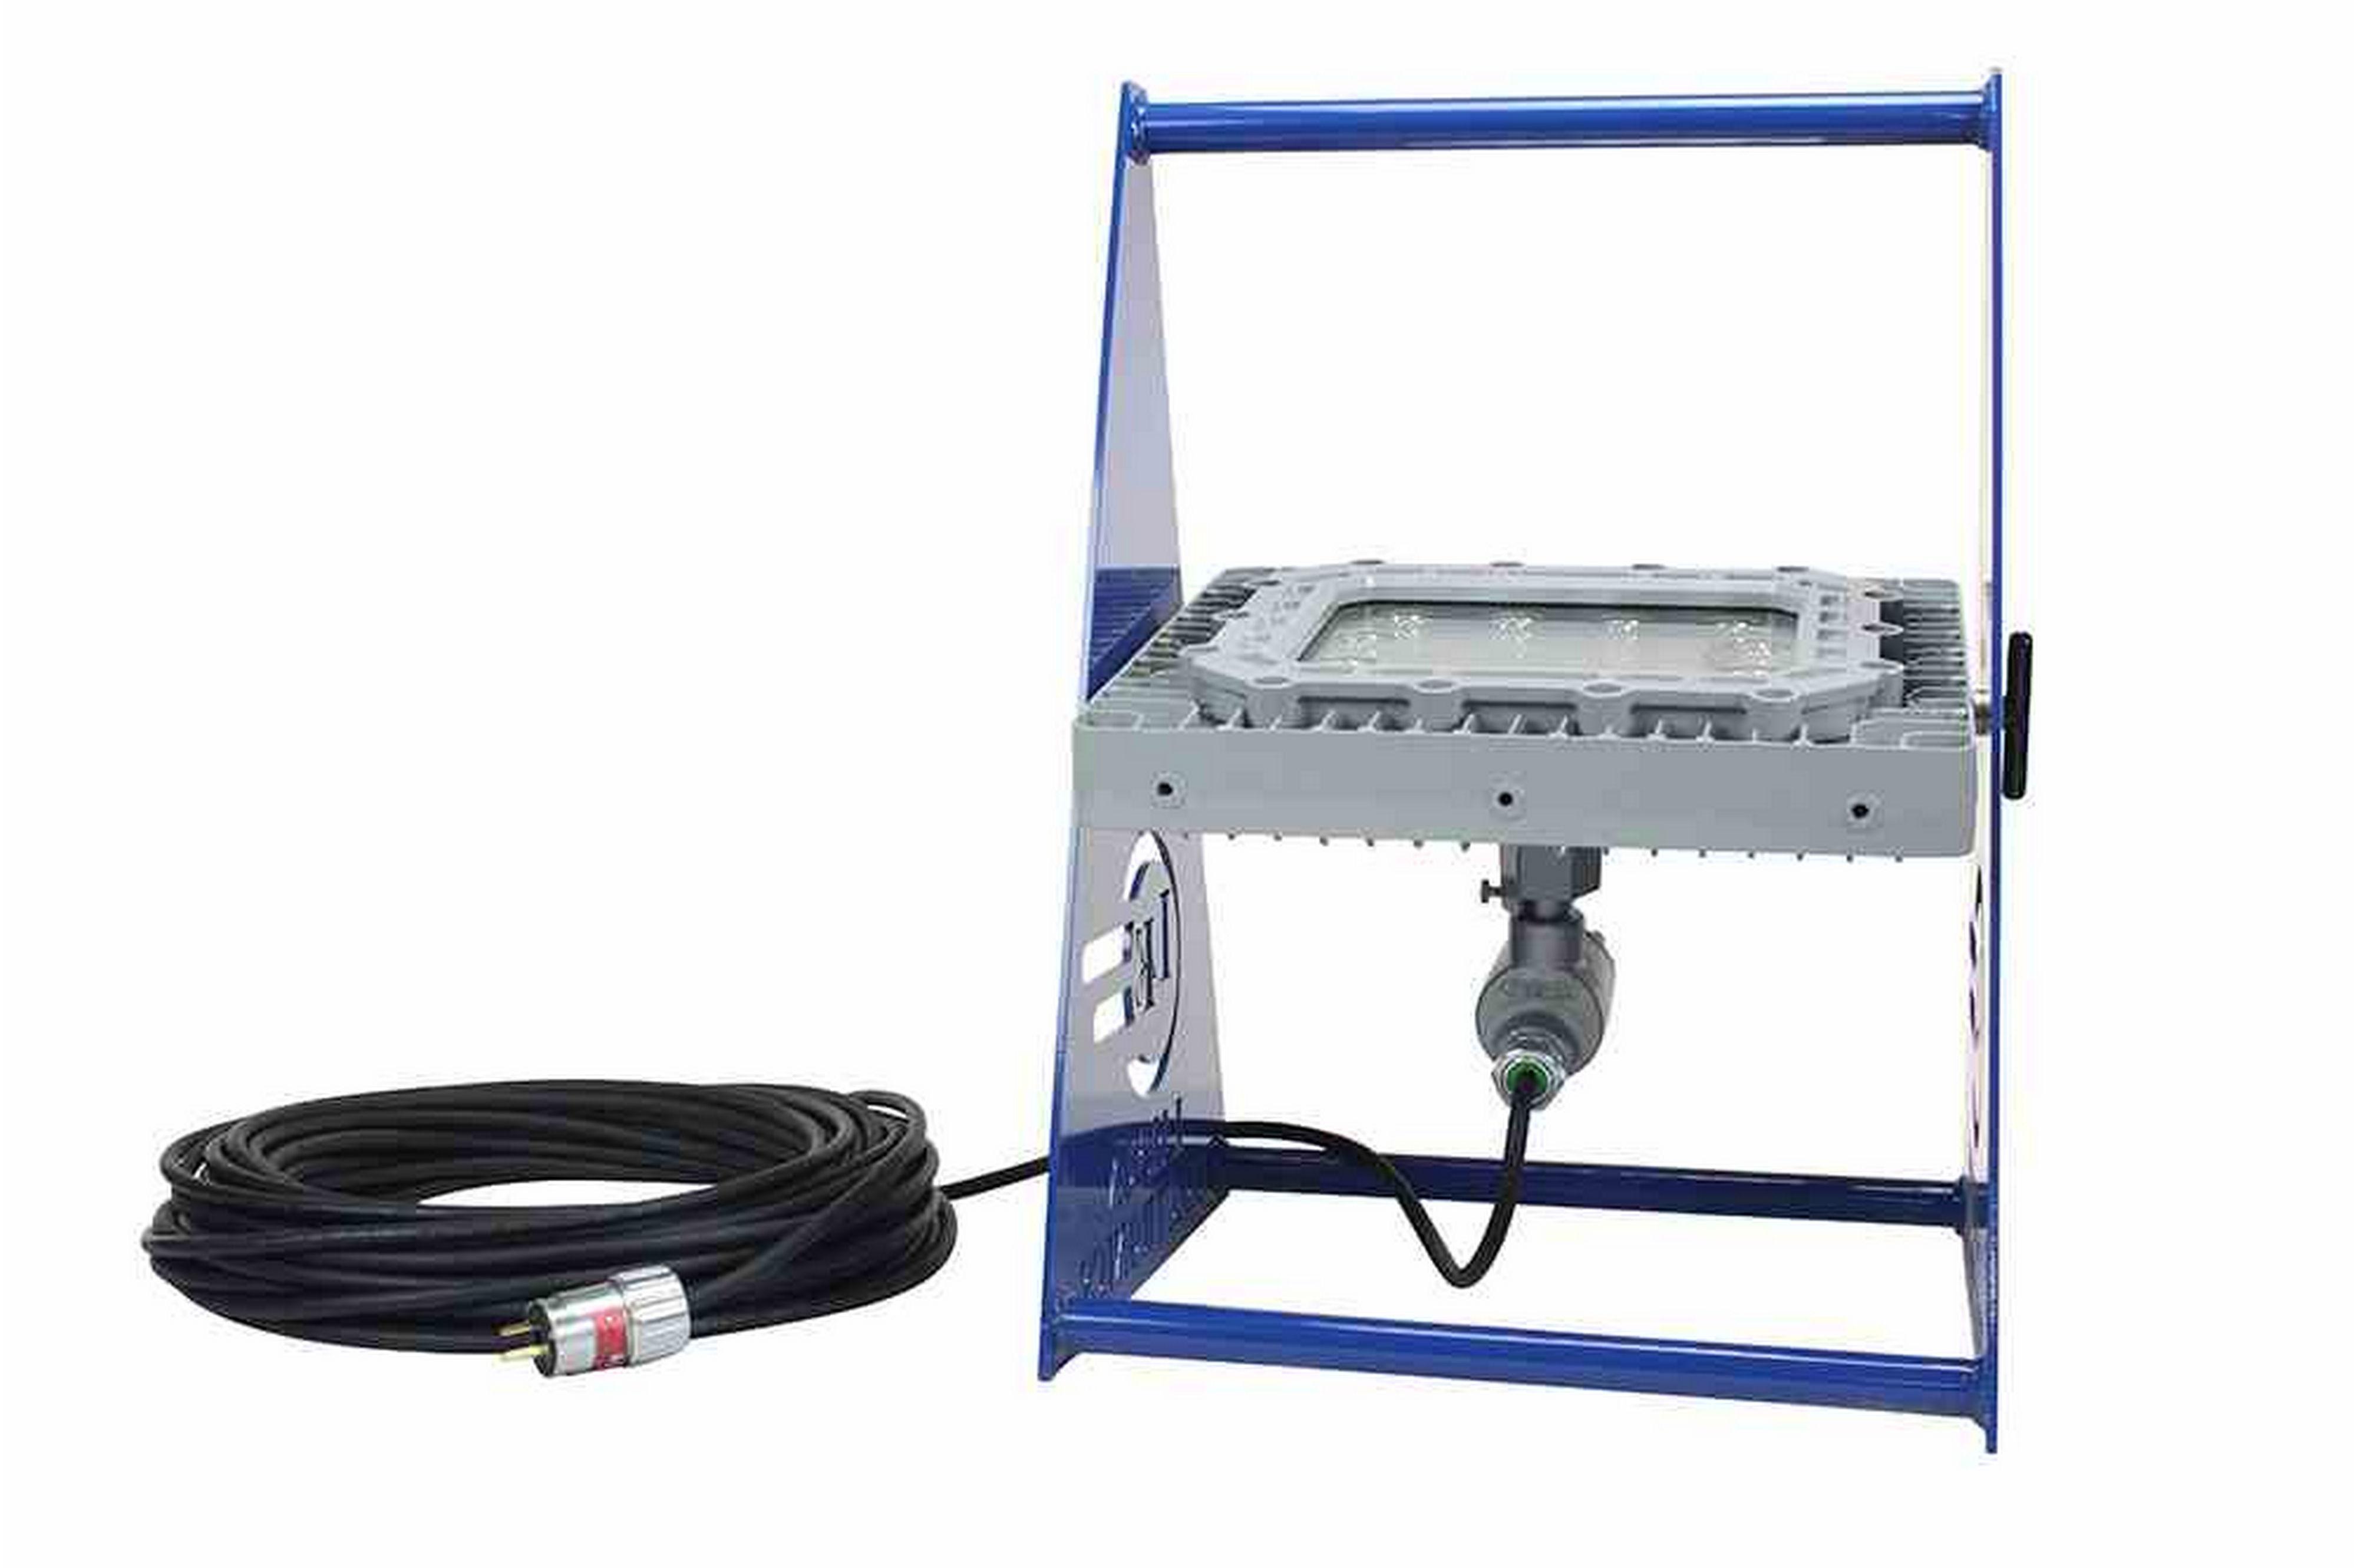 Larson Electronics - 150W防爆紫外線ポータブルLEDフィクスチャ - ペイントブース承認済み - 365NM - EXPコードキャップ